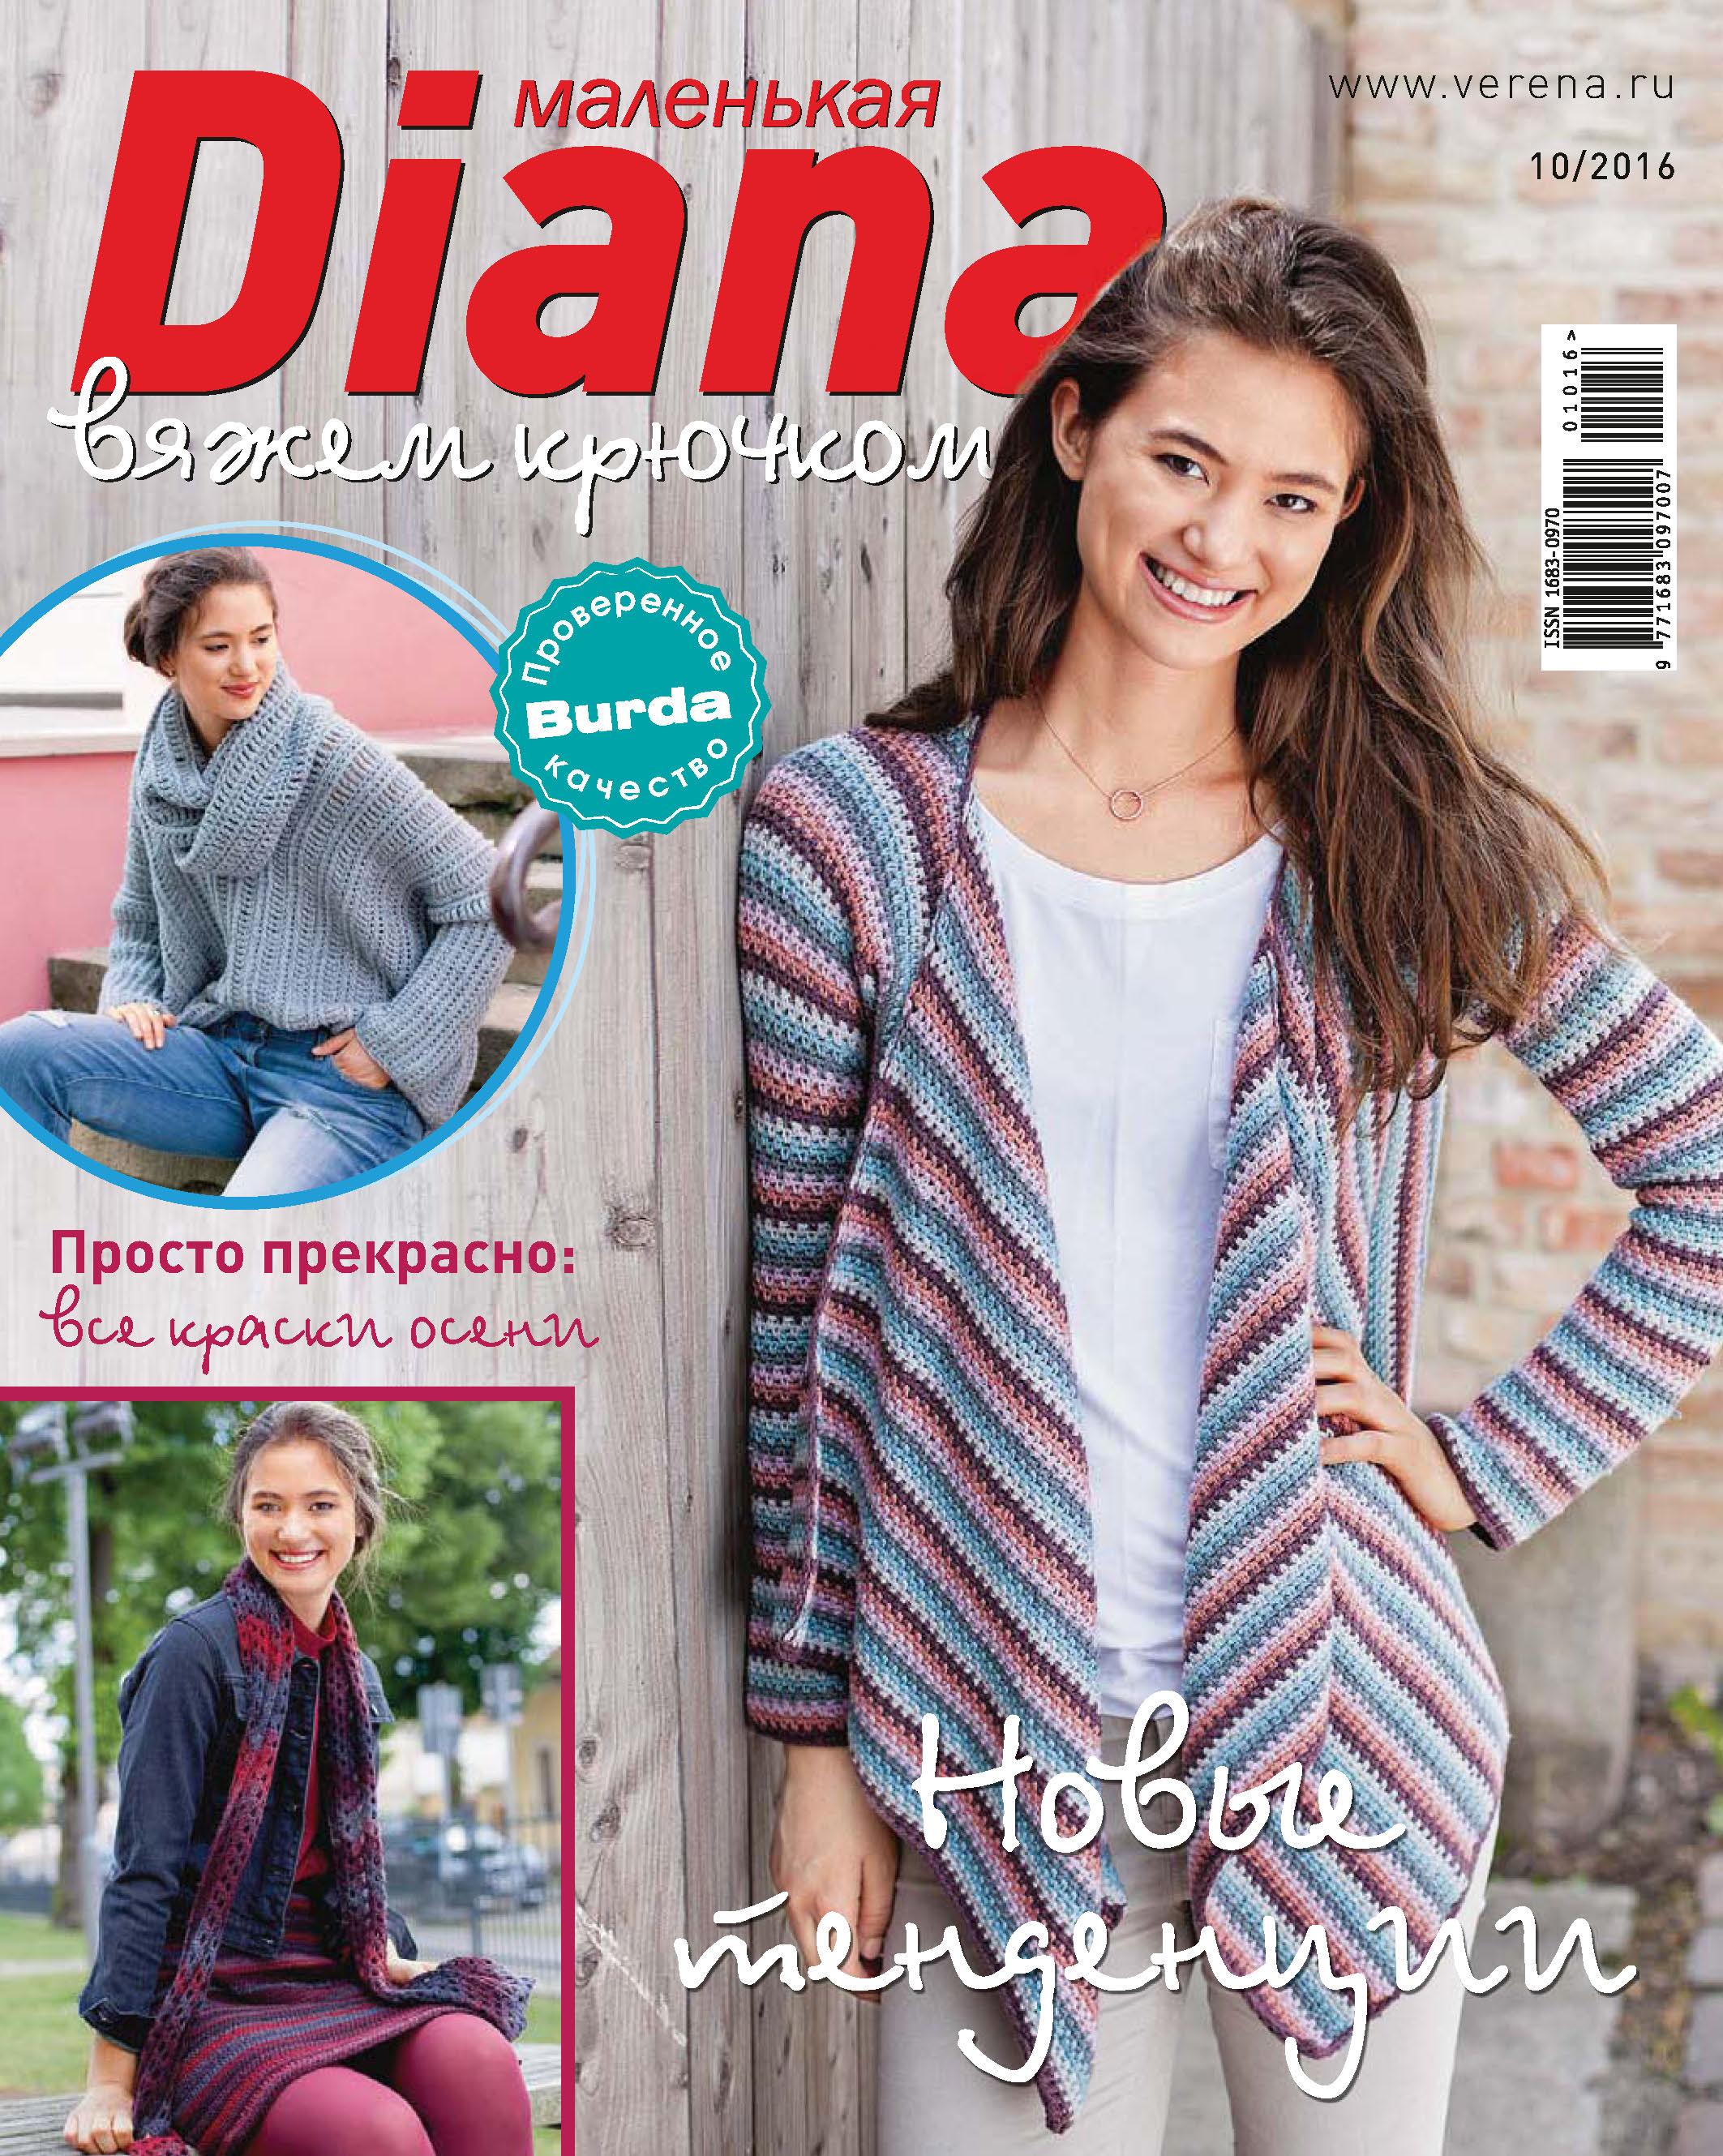 Маленькая Диана № 10/2016